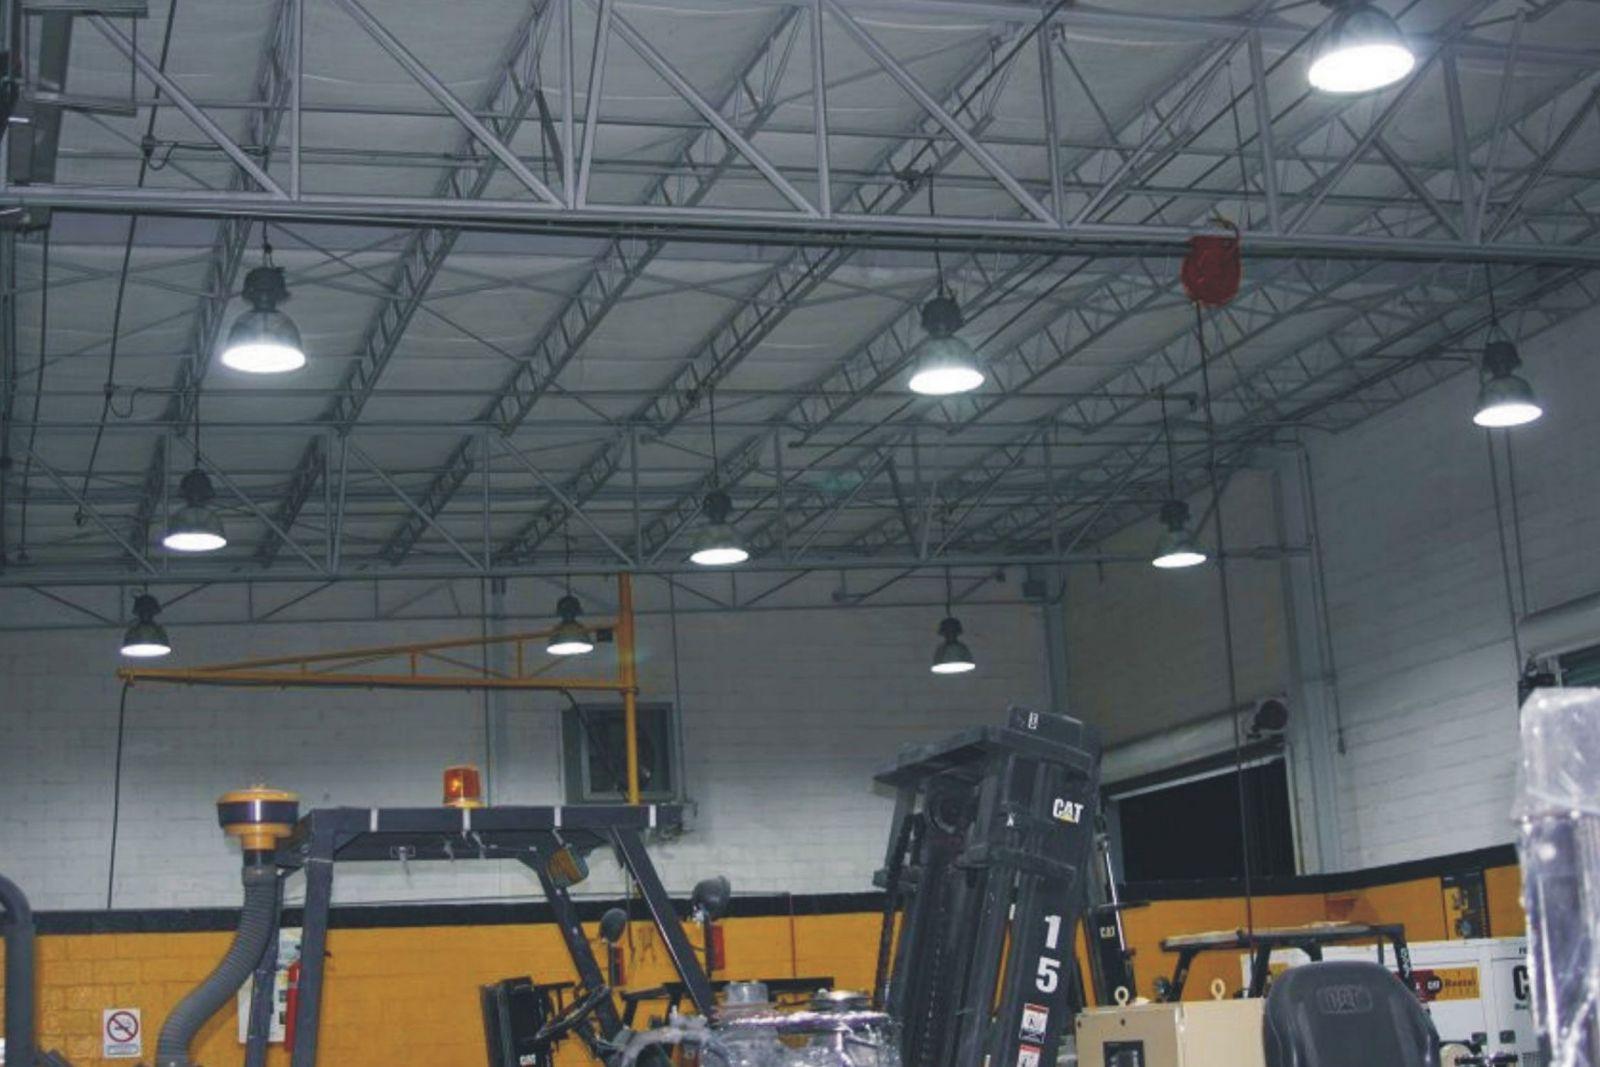 Lắp đặt đèn led nhà xưởng đúng cách